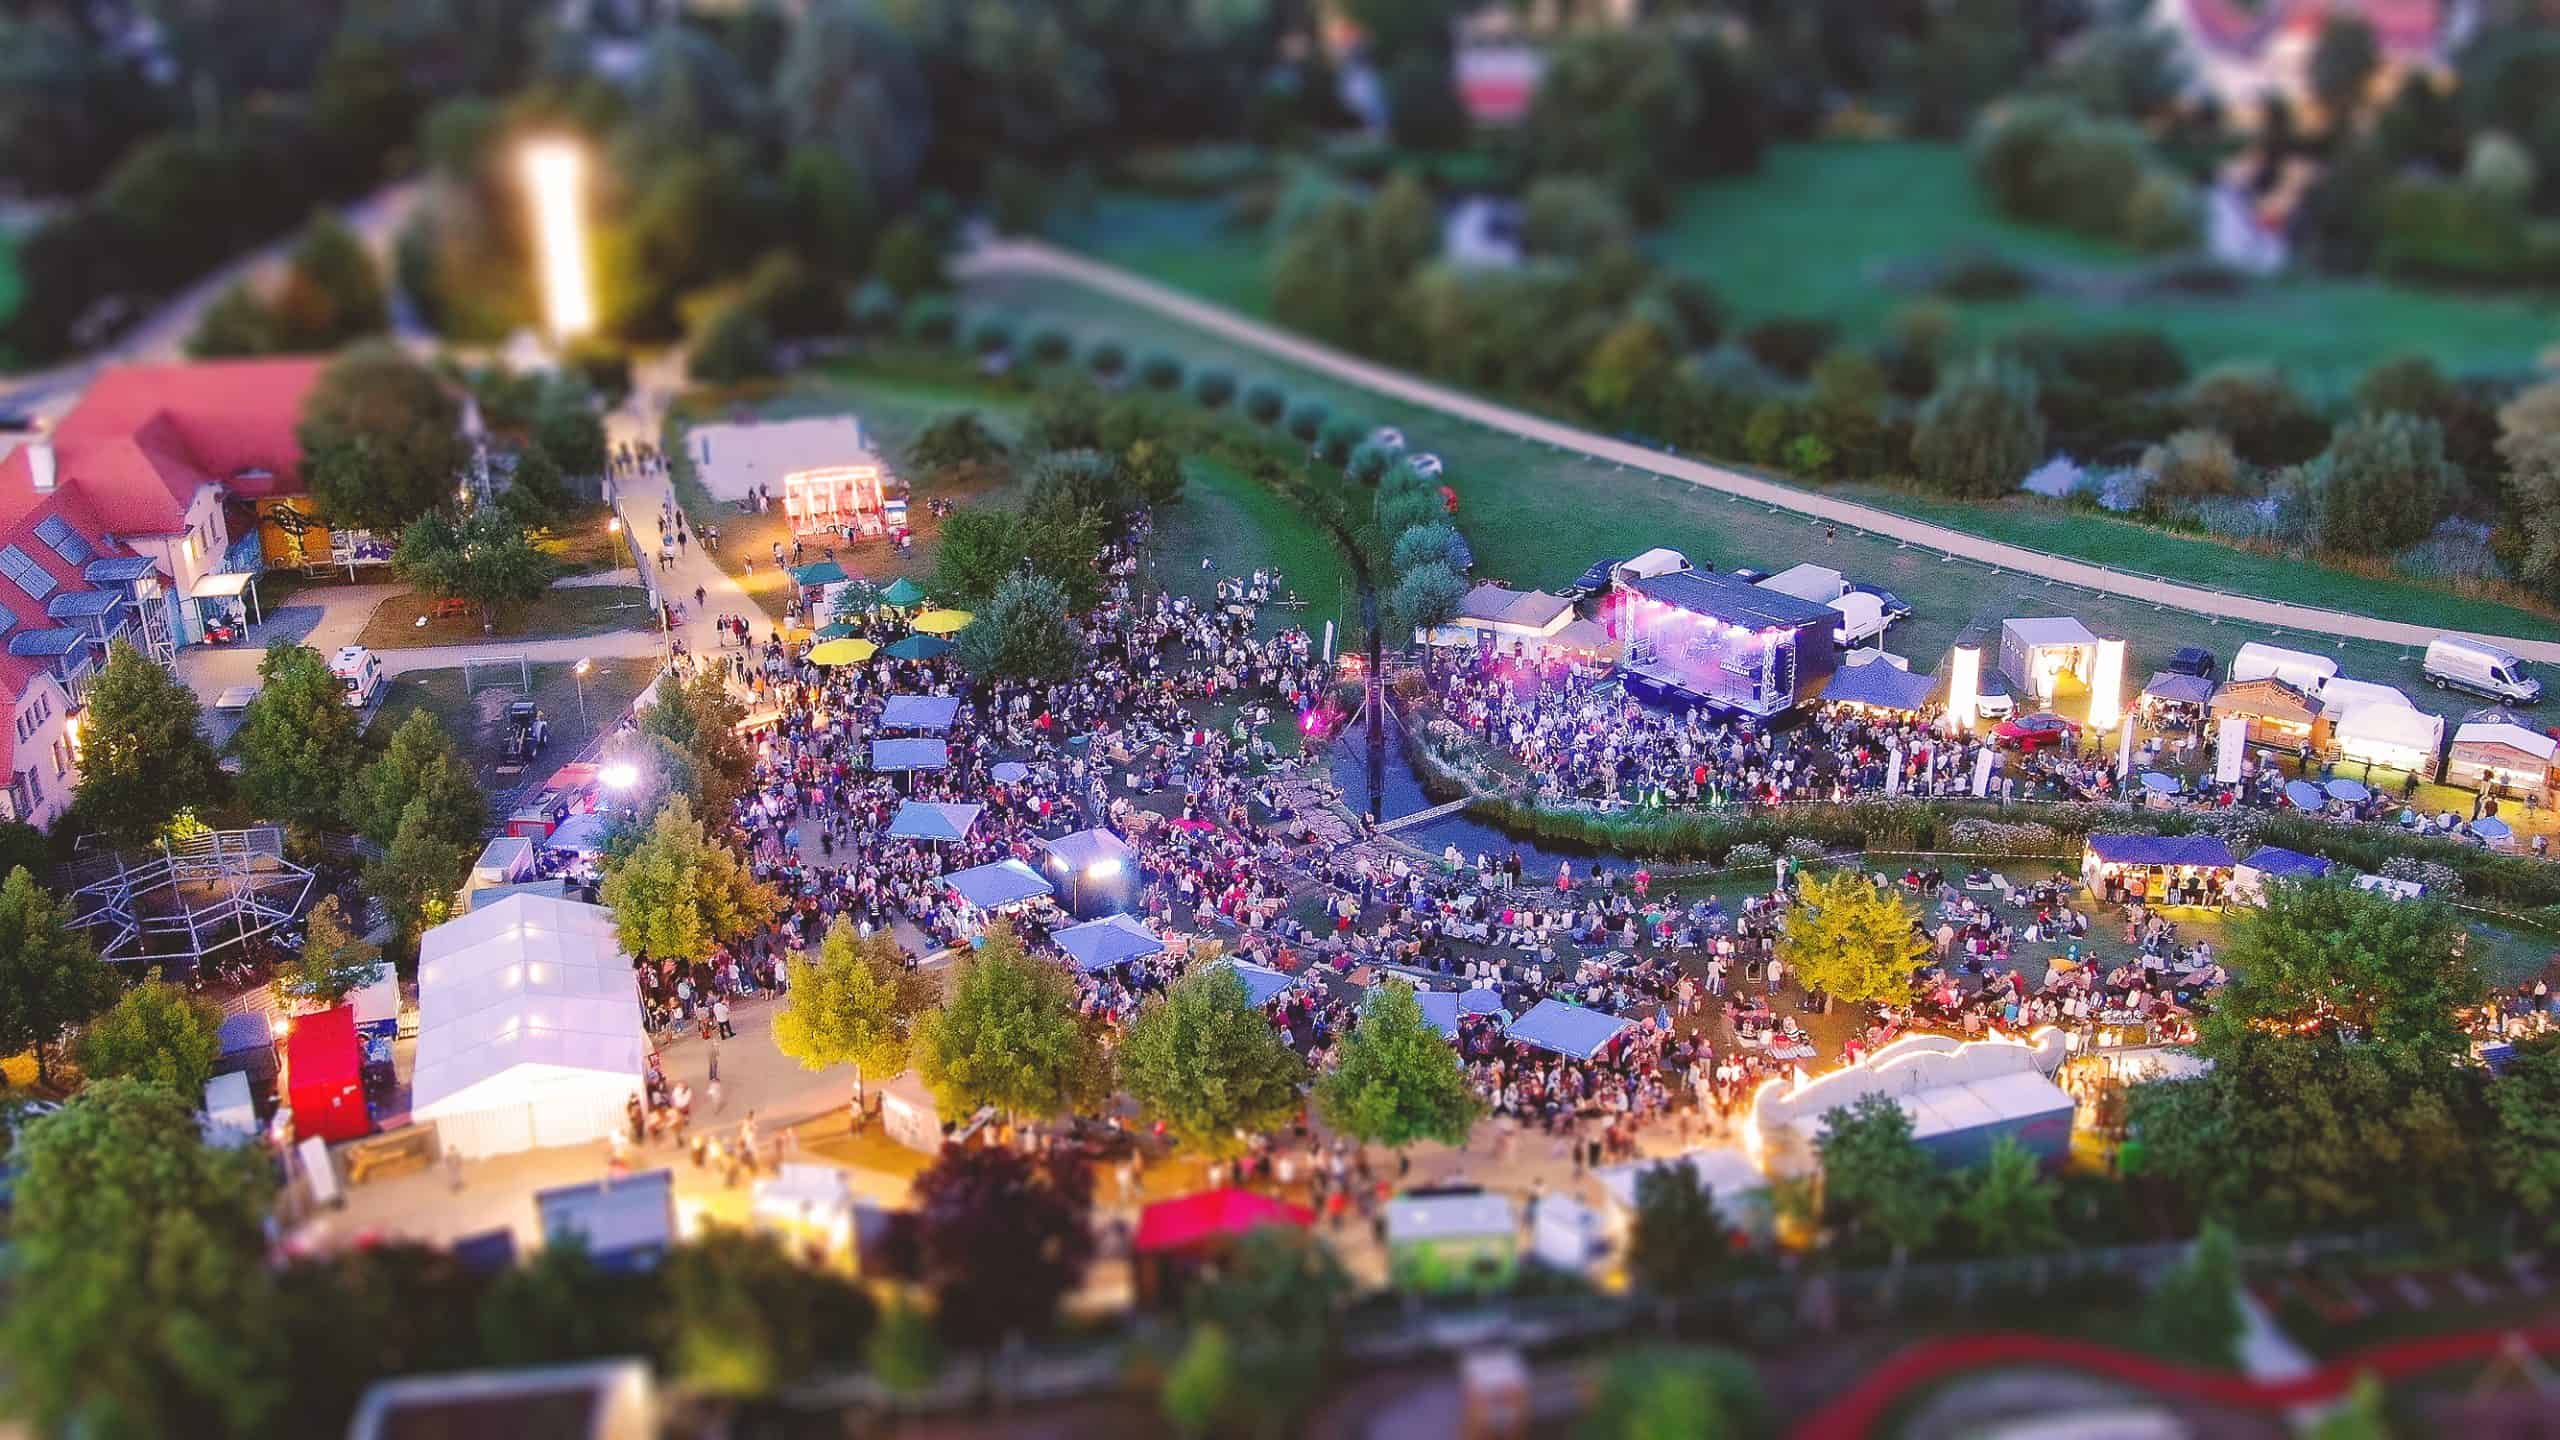 Das Festivalgelände bei Nacht.